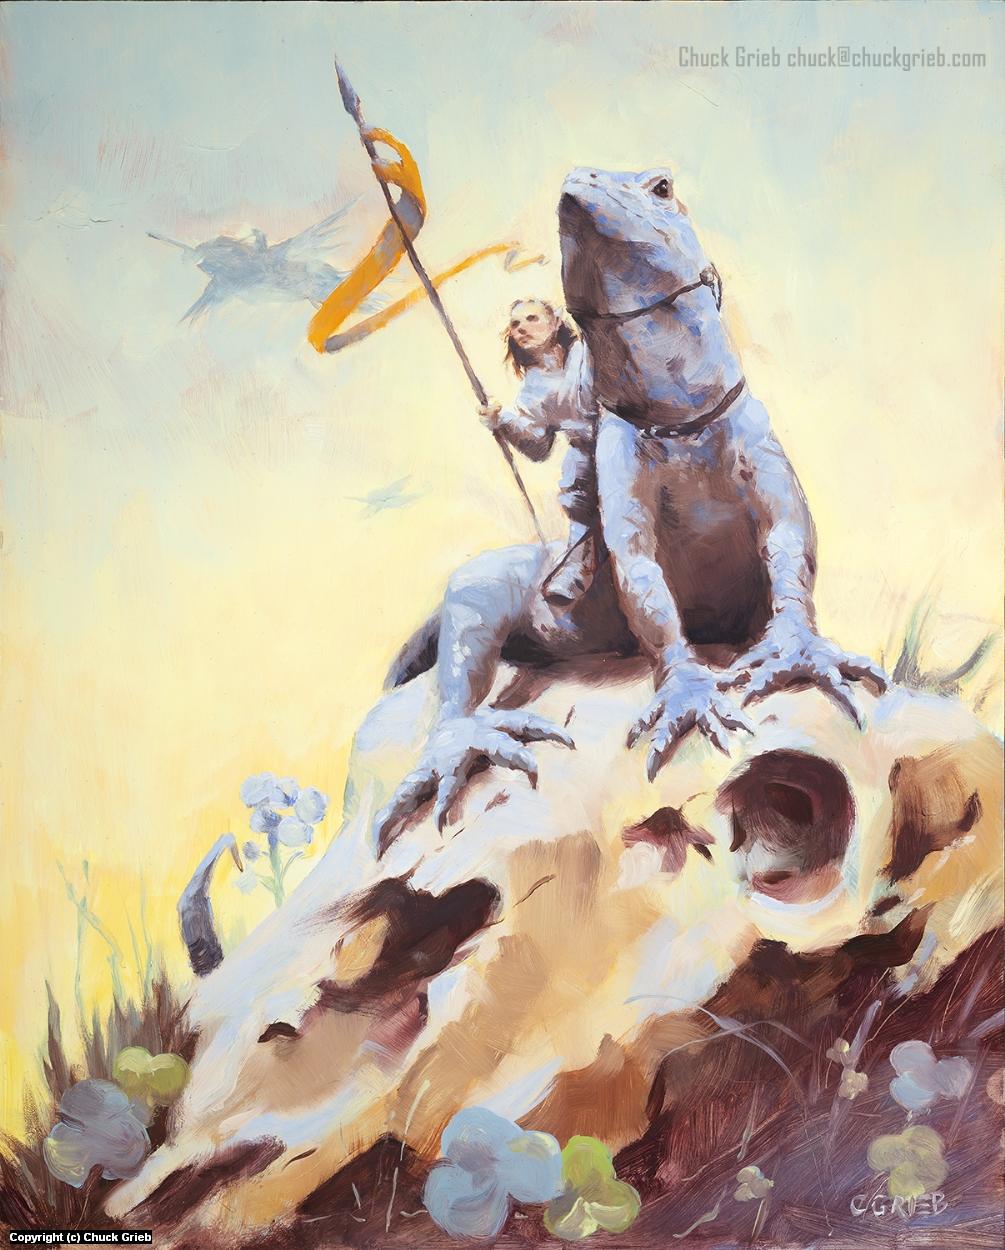 Lizard Banner Artwork by Chuck Grieb